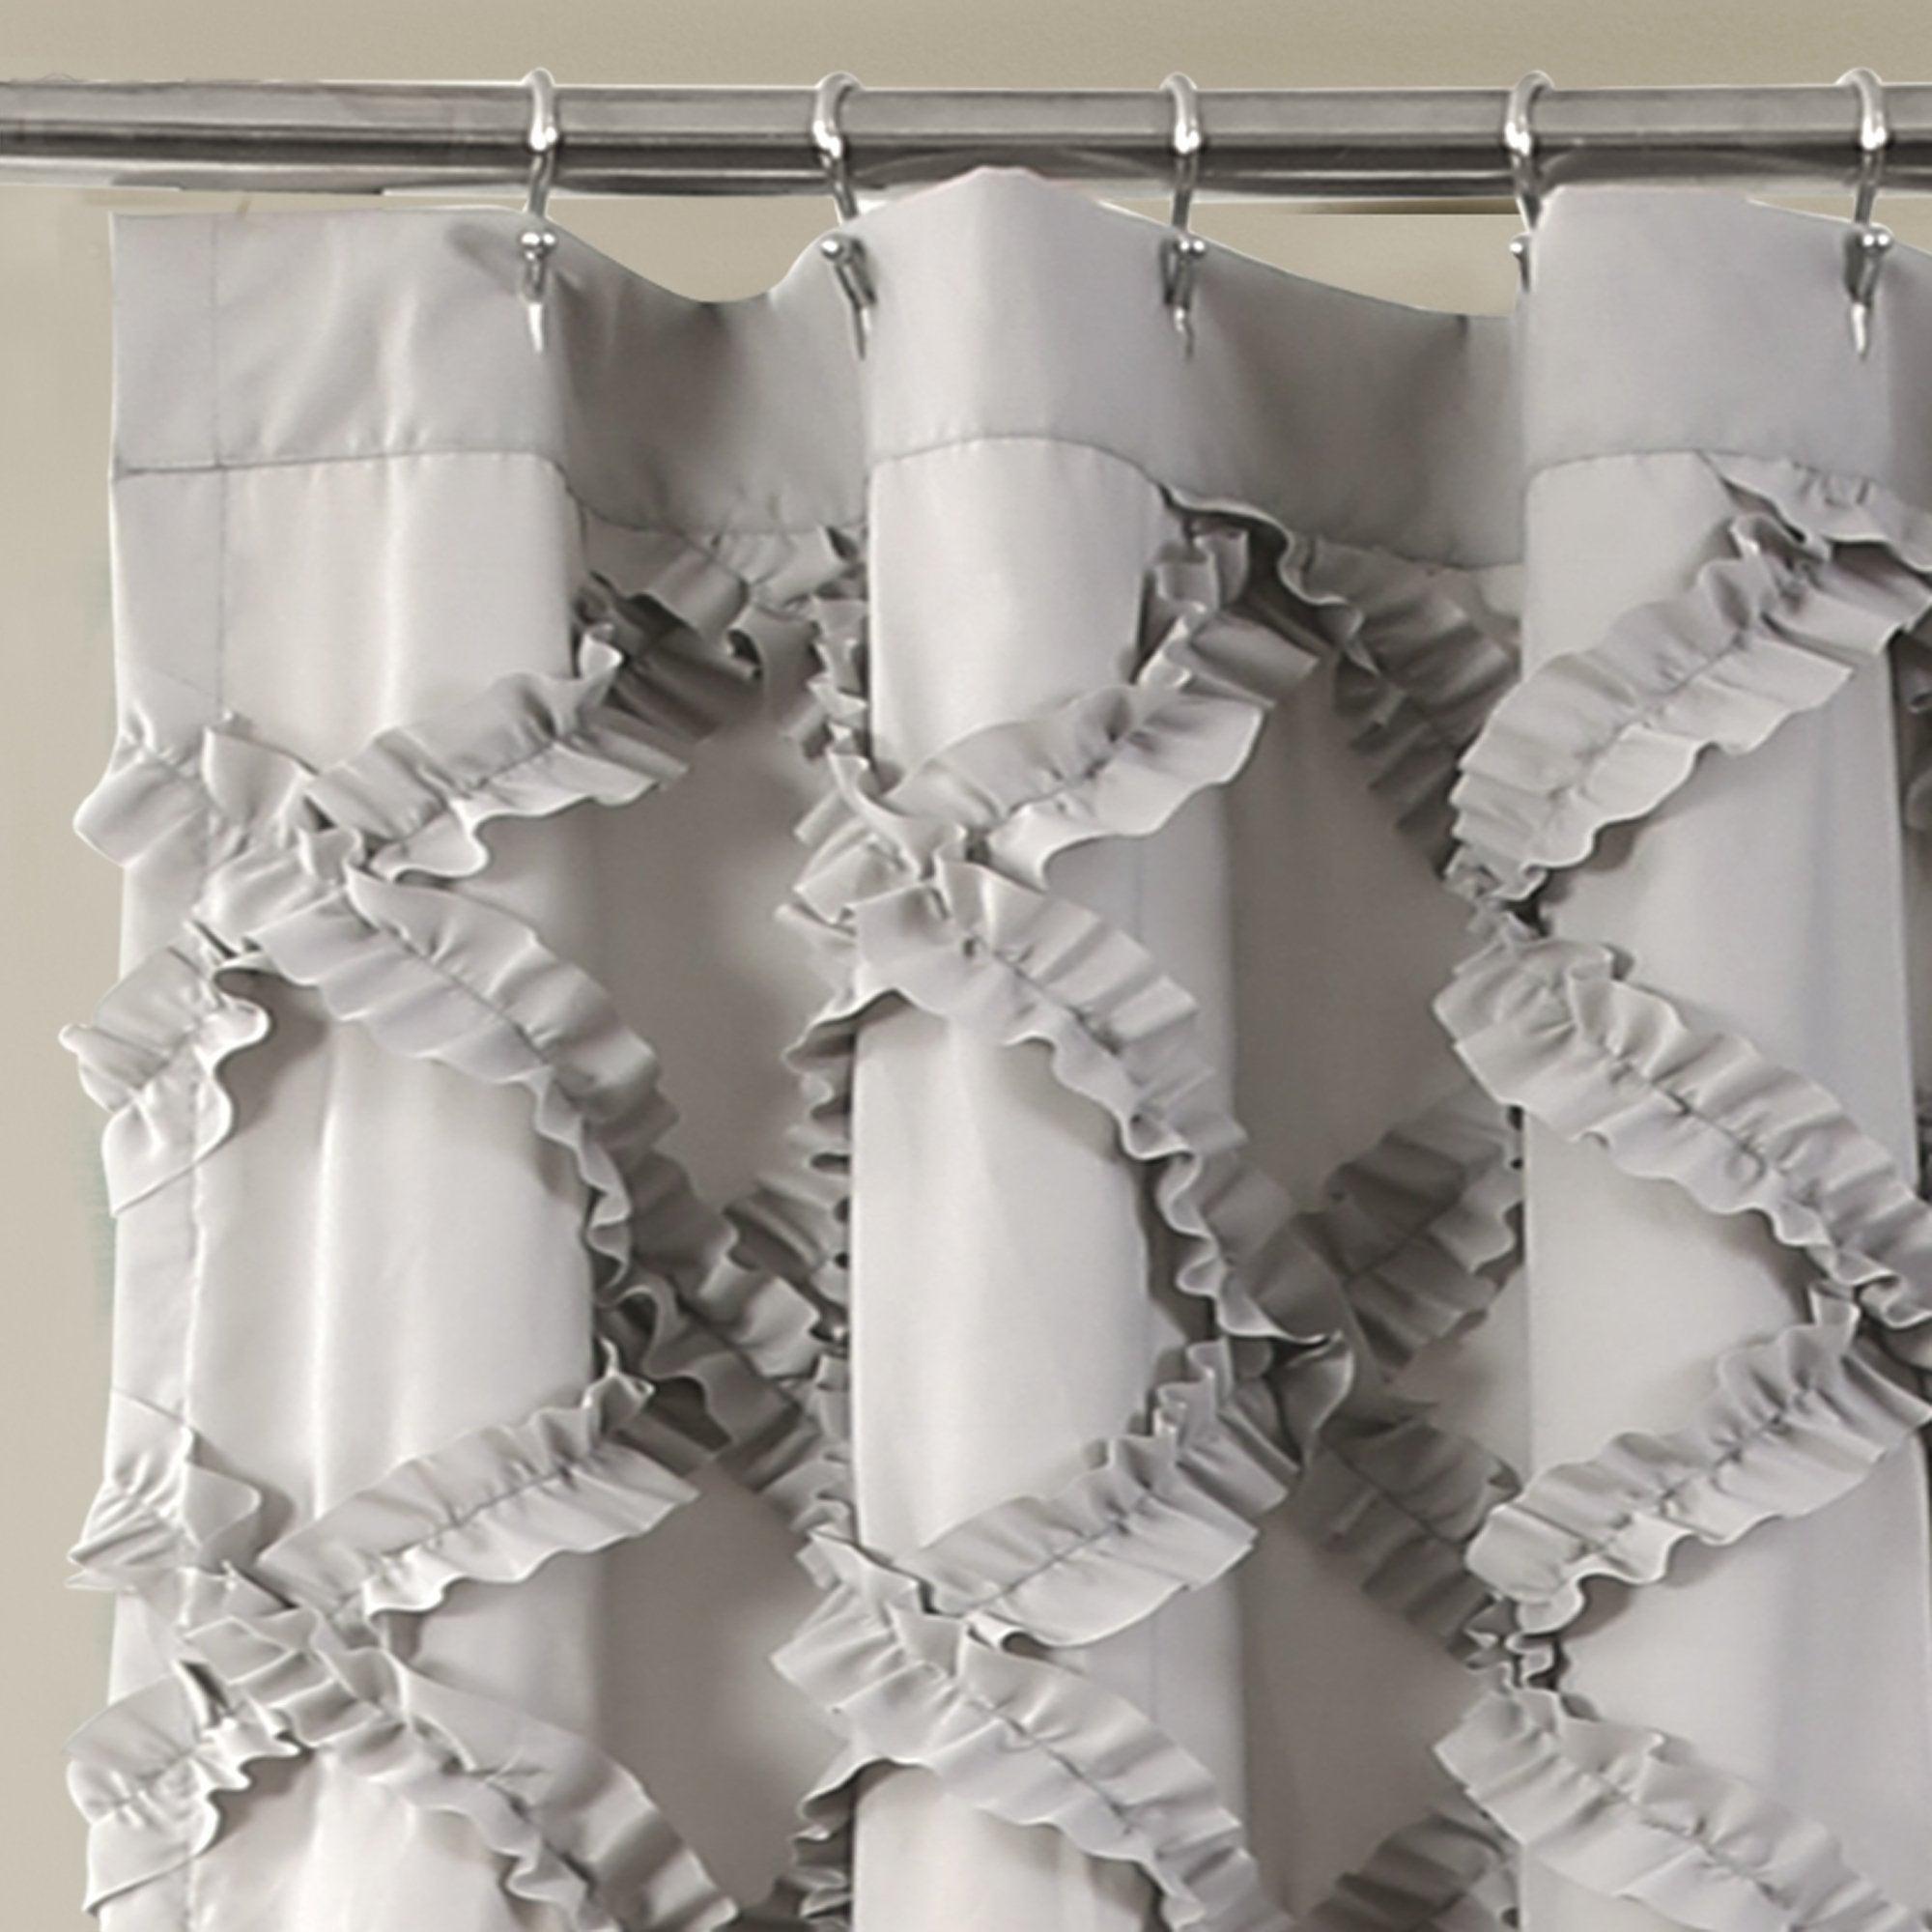 Shop Lush Decor Ruffle Diamond Shower Curtain